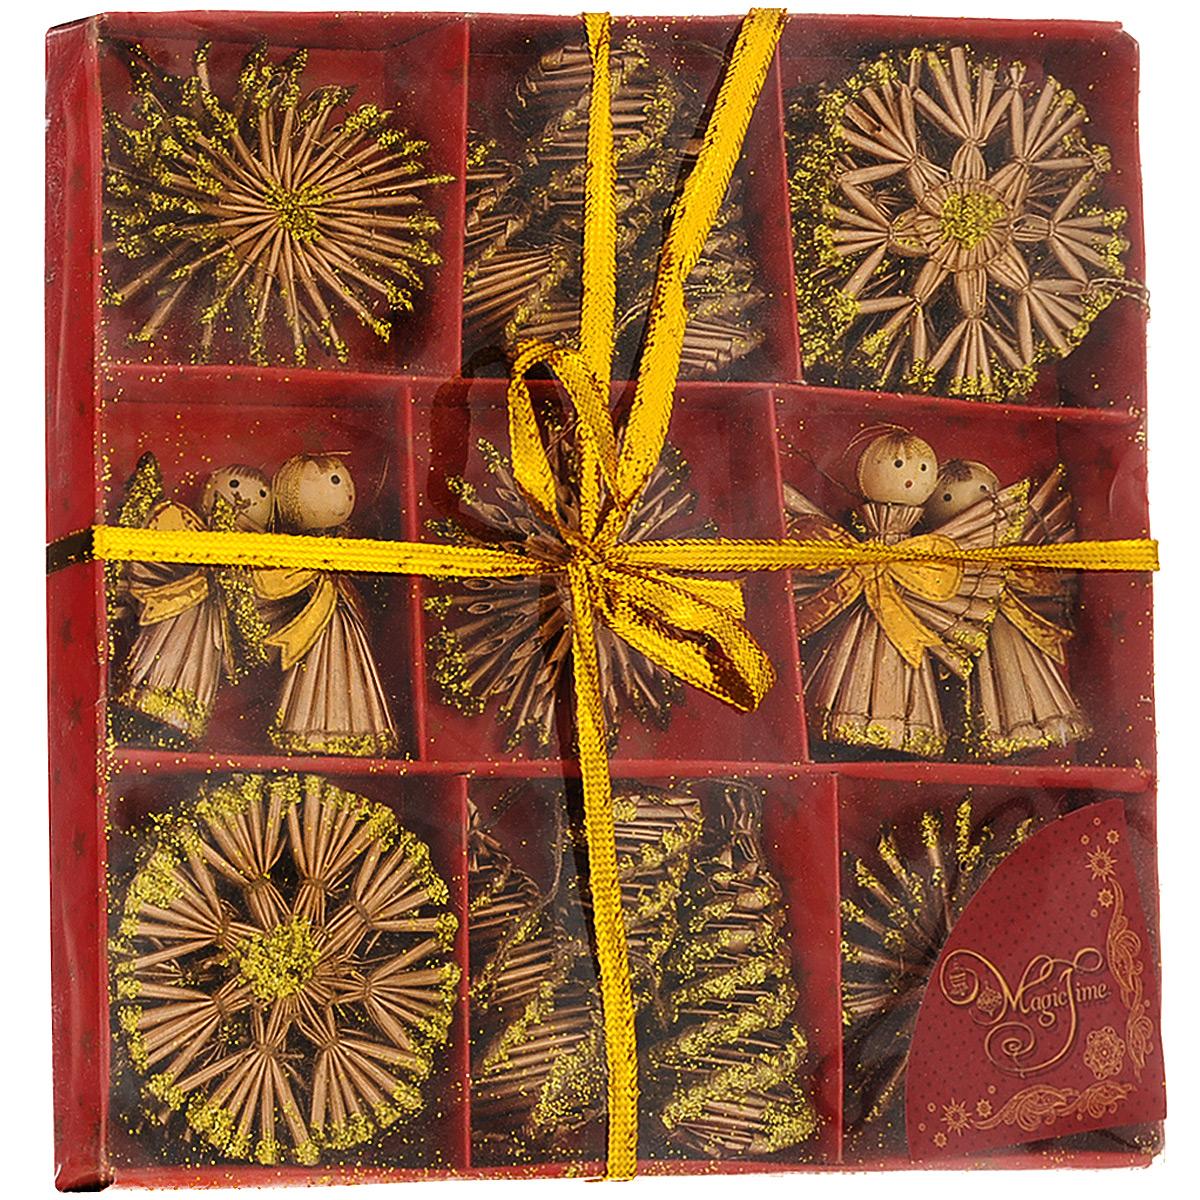 Набор новогодних подвесных украшений Magic Time, цвет: золотой, 25 шт. 3468234682Набор новогодних подвесных украшений Magic Time, изготовленный из соломки, украсит интерьер вашего дома или офиса в преддверии Нового года. Оригинальный дизайн и красочное исполнение создадут праздничное настроение. Набор состоит из 25 фигурок снежинок, ангелов и шишек, украшенных золотистыми блестками и бантиками. Украшения отлично подойдут для декорации вашего дома и новогодней ели. Игрушки оснащены специальными петельками для подвешивания.Елочная игрушка - символ Нового года. Она несет в себе волшебство и красоту праздника. Создайте в своем доме атмосферу веселья и радости, украшая всей семьей новогоднюю елку нарядными игрушками, которые будут из года в год накапливать теплоту воспоминаний. Коллекция декоративных украшений из серии Magic Time принесет в ваш дом ни с чем не сравнимое ощущение волшебства!